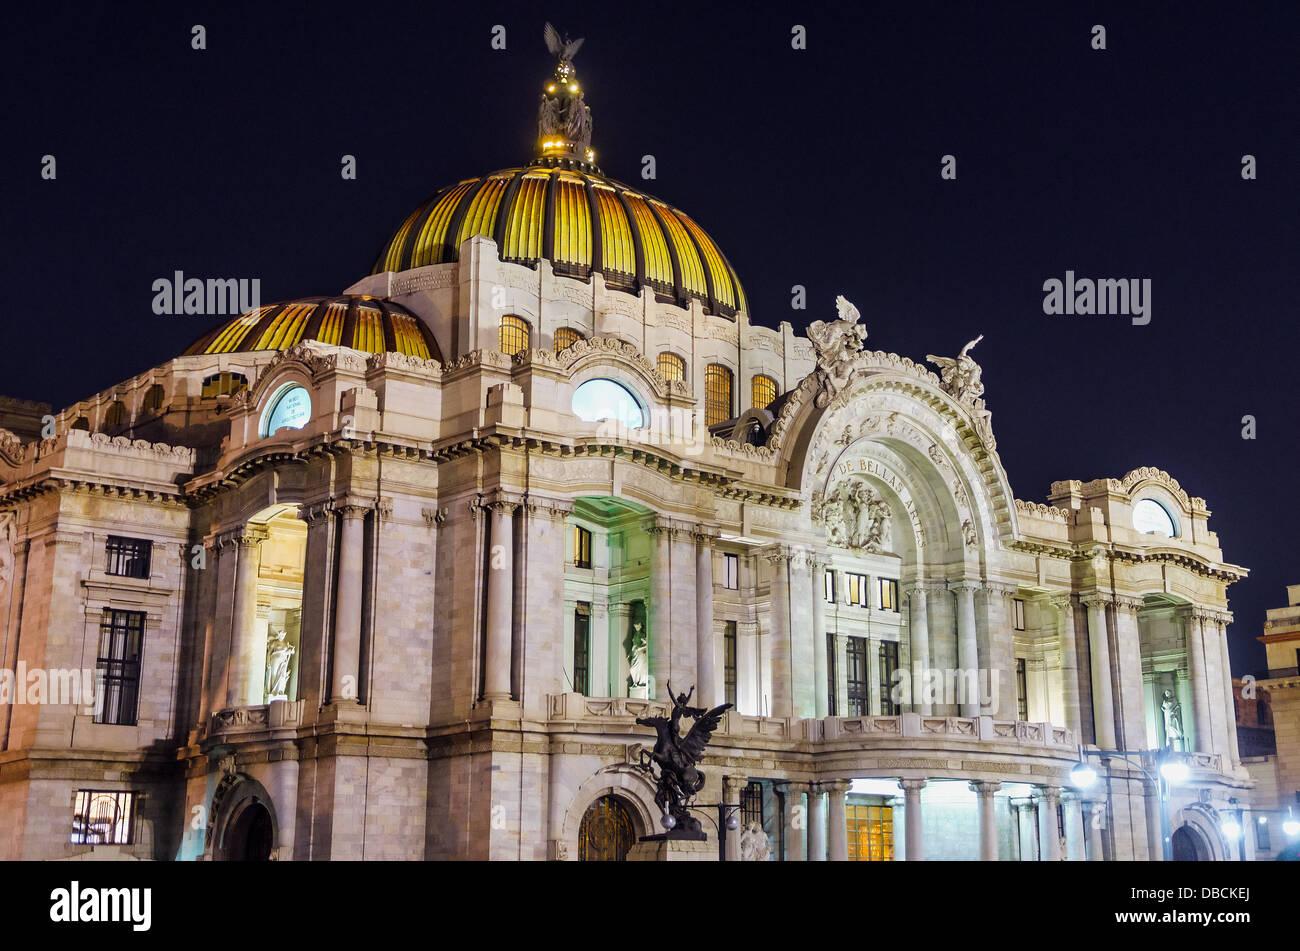 Palacio de Bellas Artes en la Ciudad de México visto por la noche Imagen De Stock